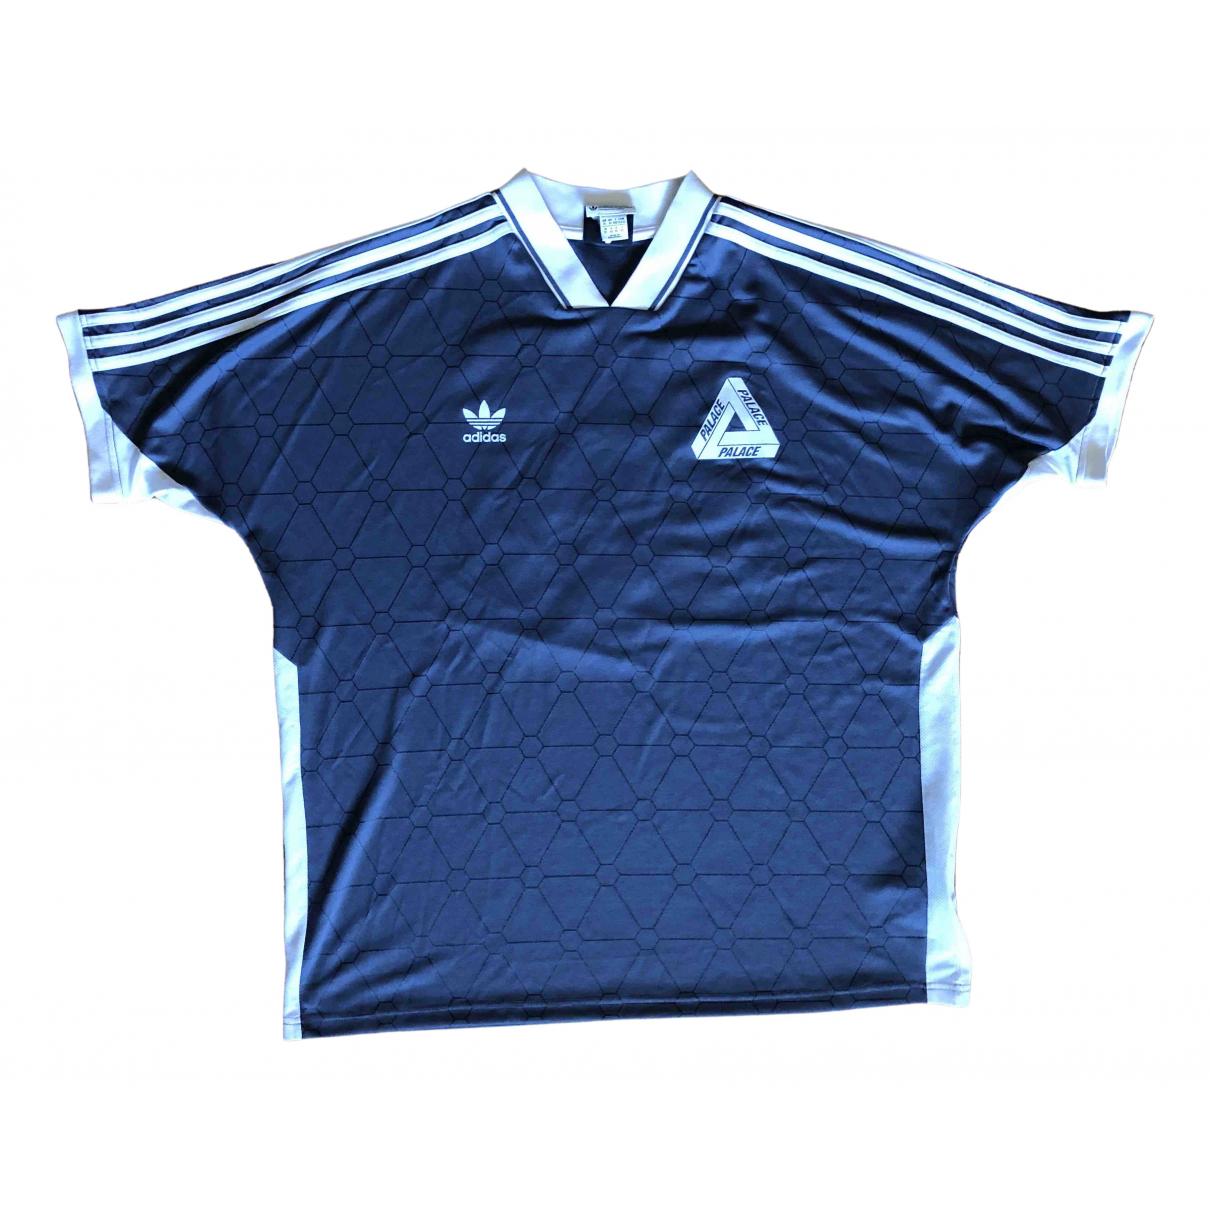 Camiseta Palace X Adidas